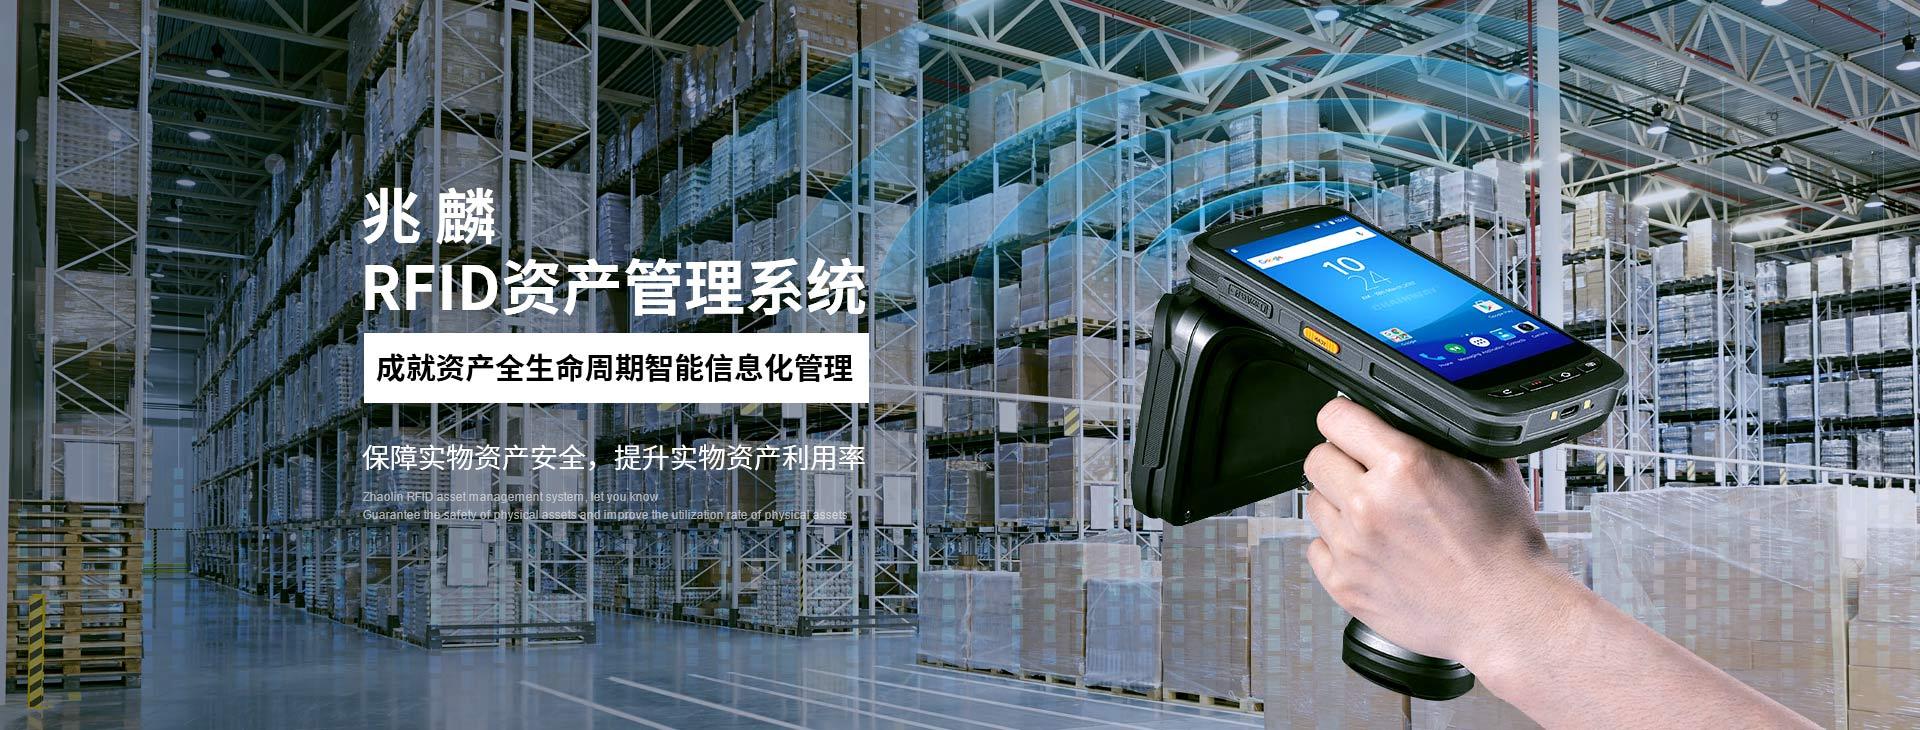 兆麟RFID资产管理系统